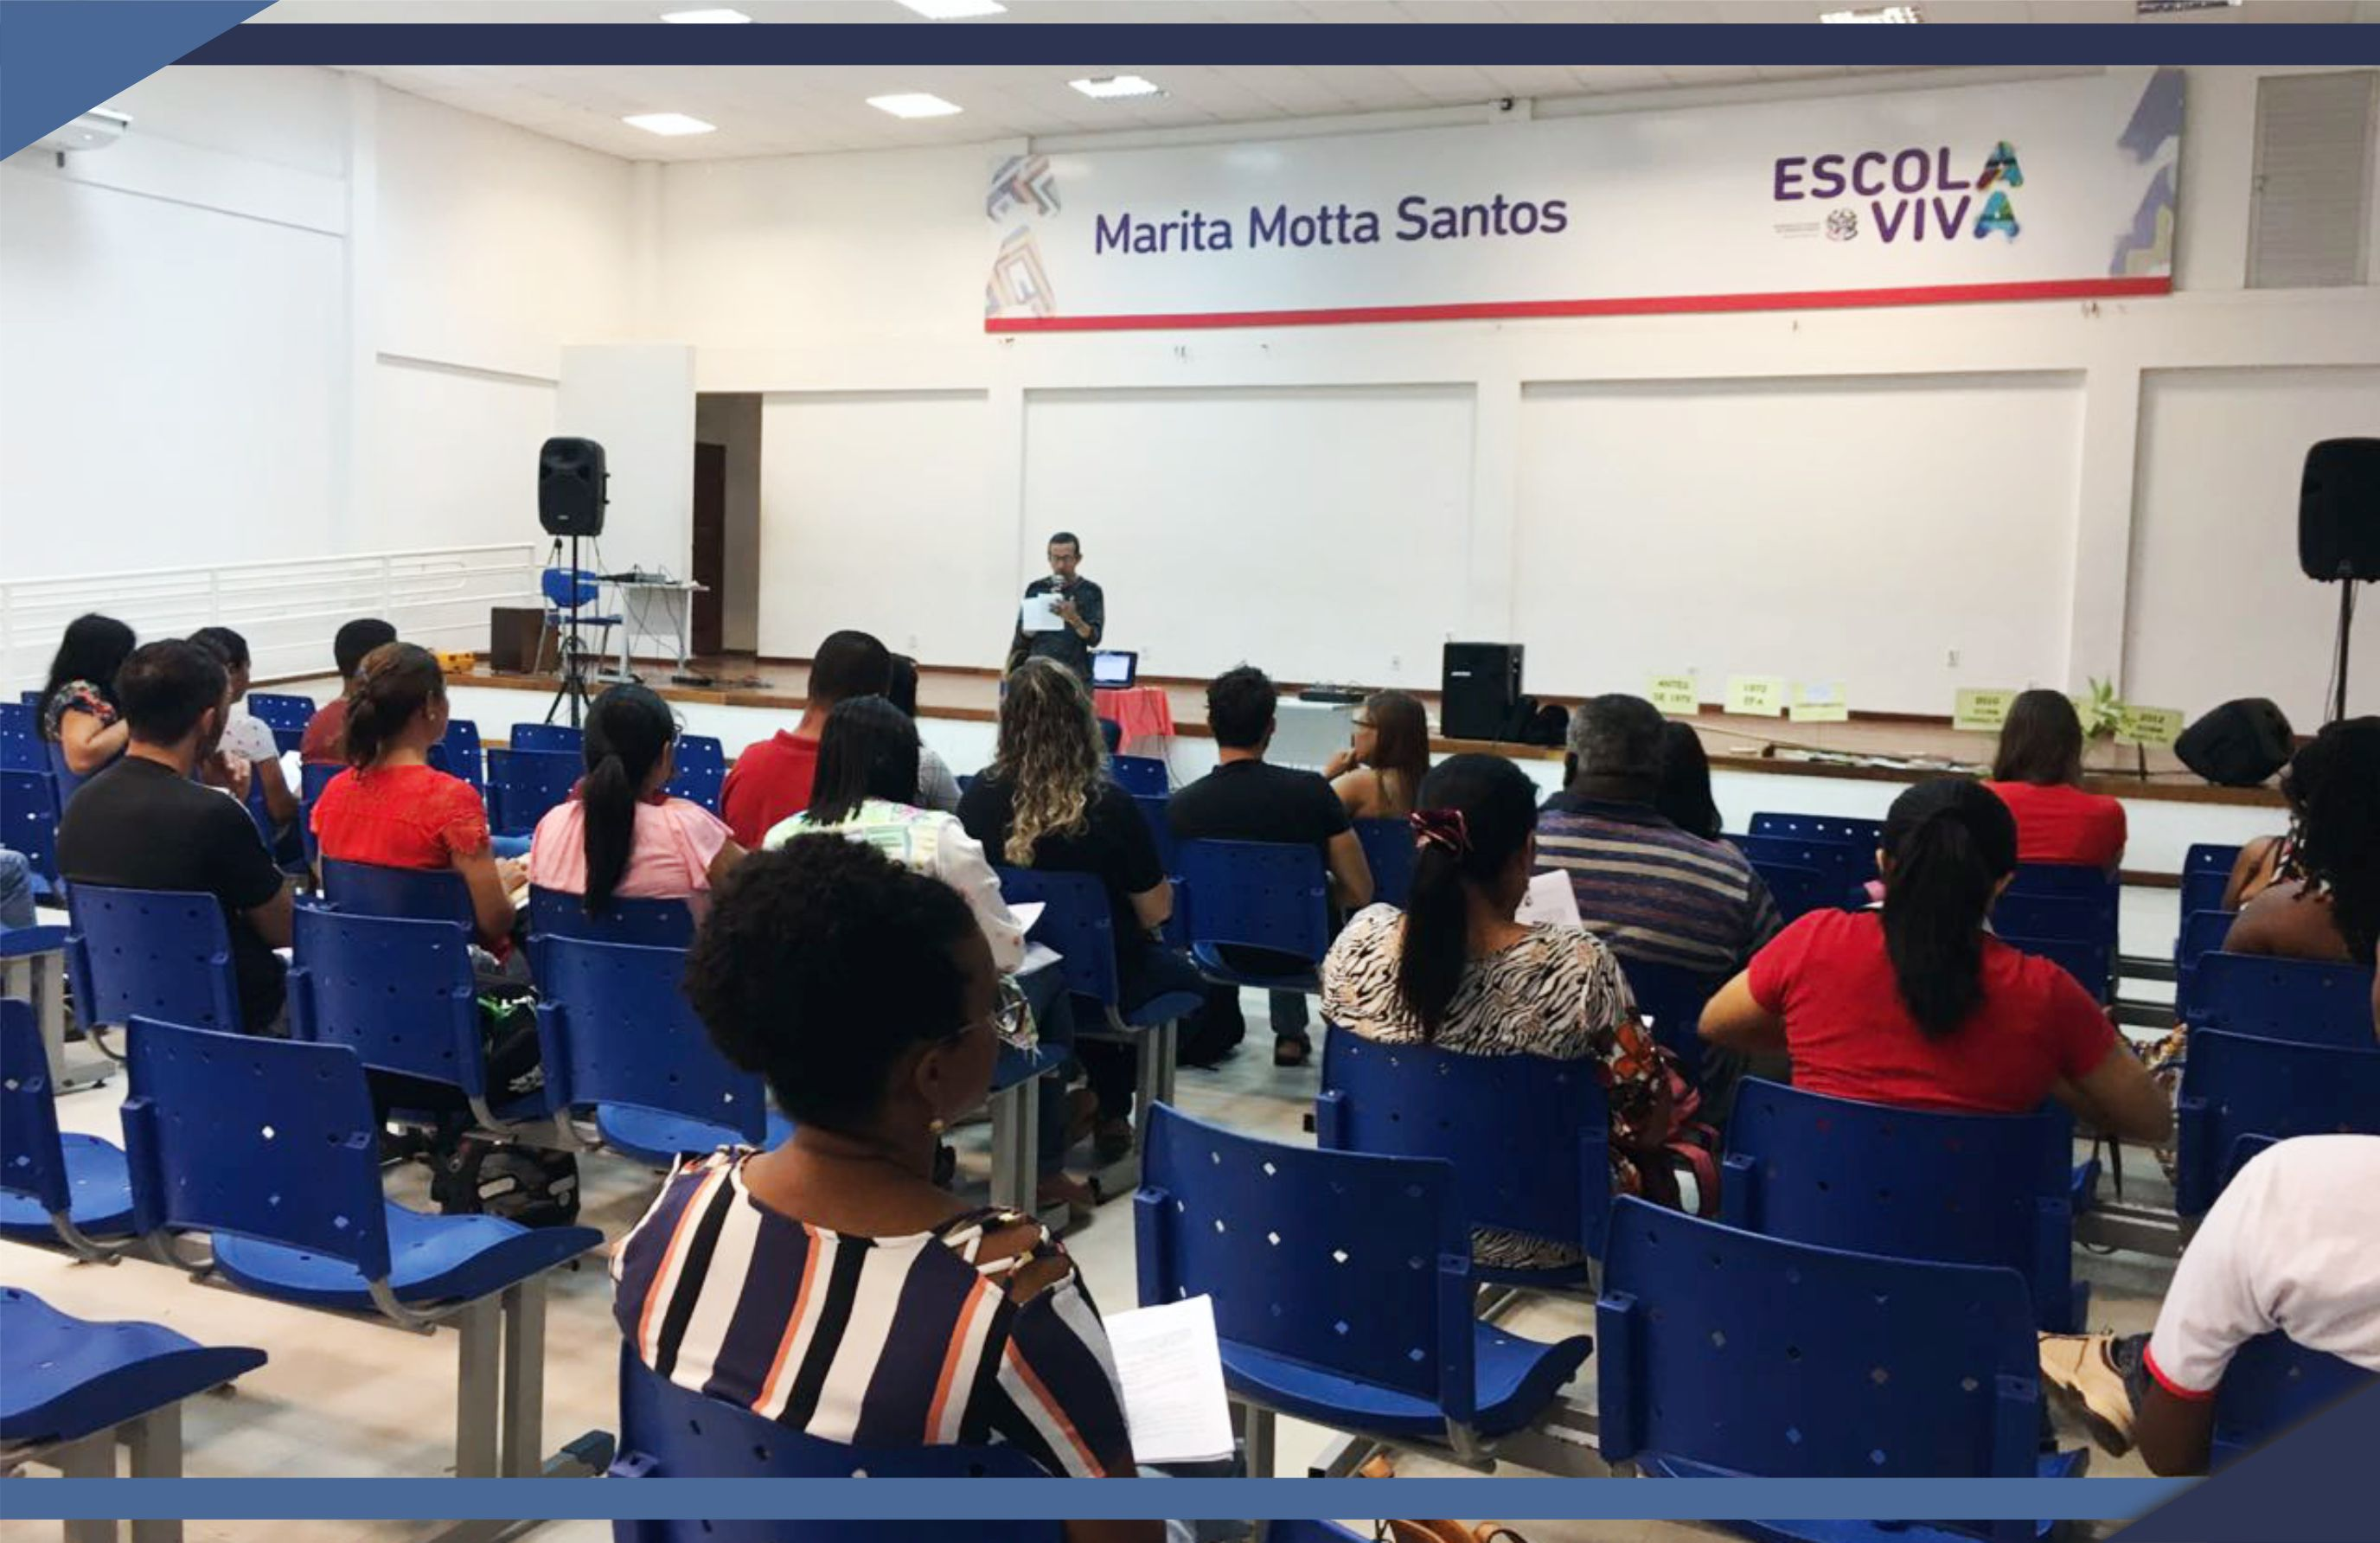 Plenária Pública debate Educação do Campo no Município